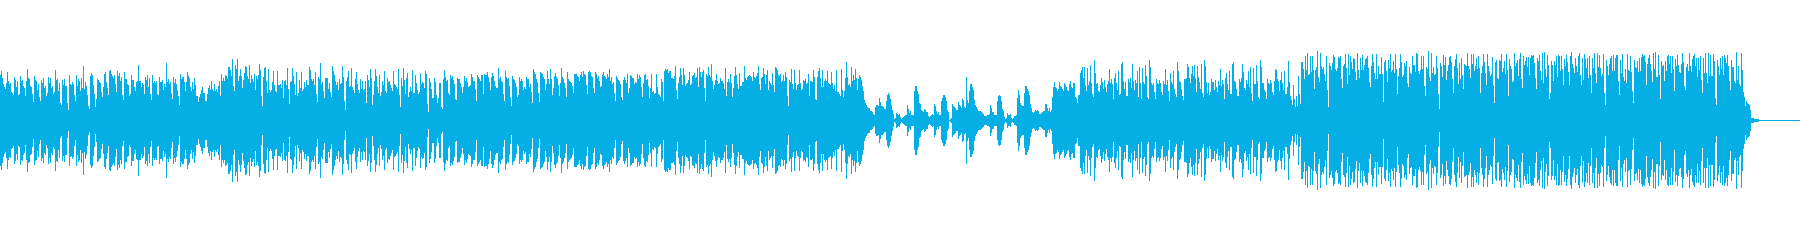 疾走感あるポップスの再生済みの波形